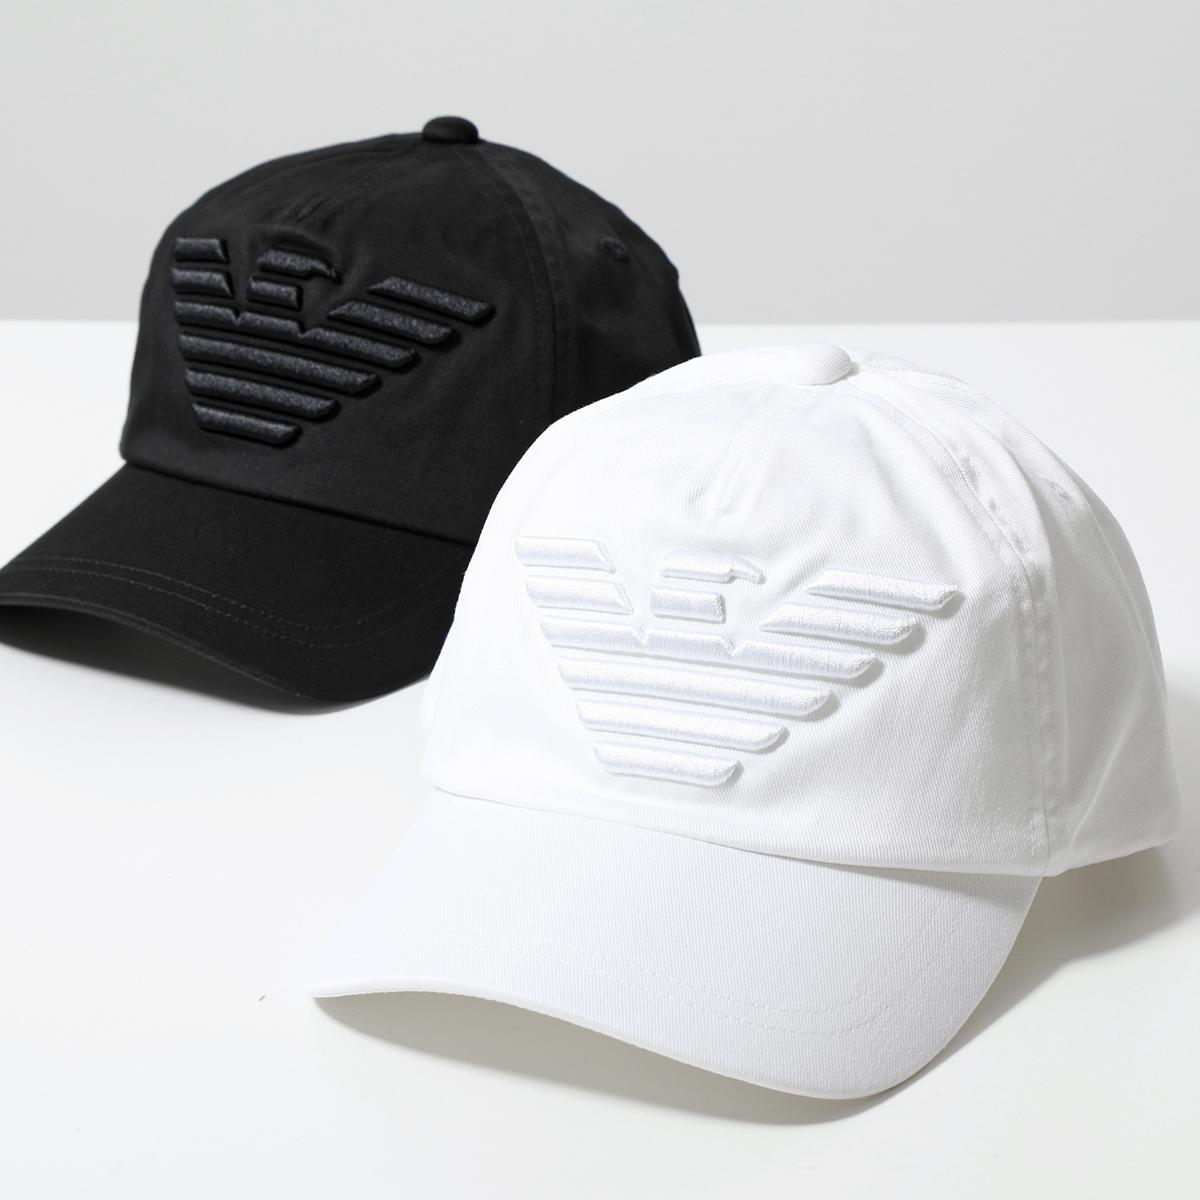 EMPORIO ARMANI エンポリオアルマーニ 627522 CC995 希望者のみラッピング無料 ランキング総合1位 00010 ベースボールキャップ イーグル立体刺繍 コットン メンズ WHITE 帽子